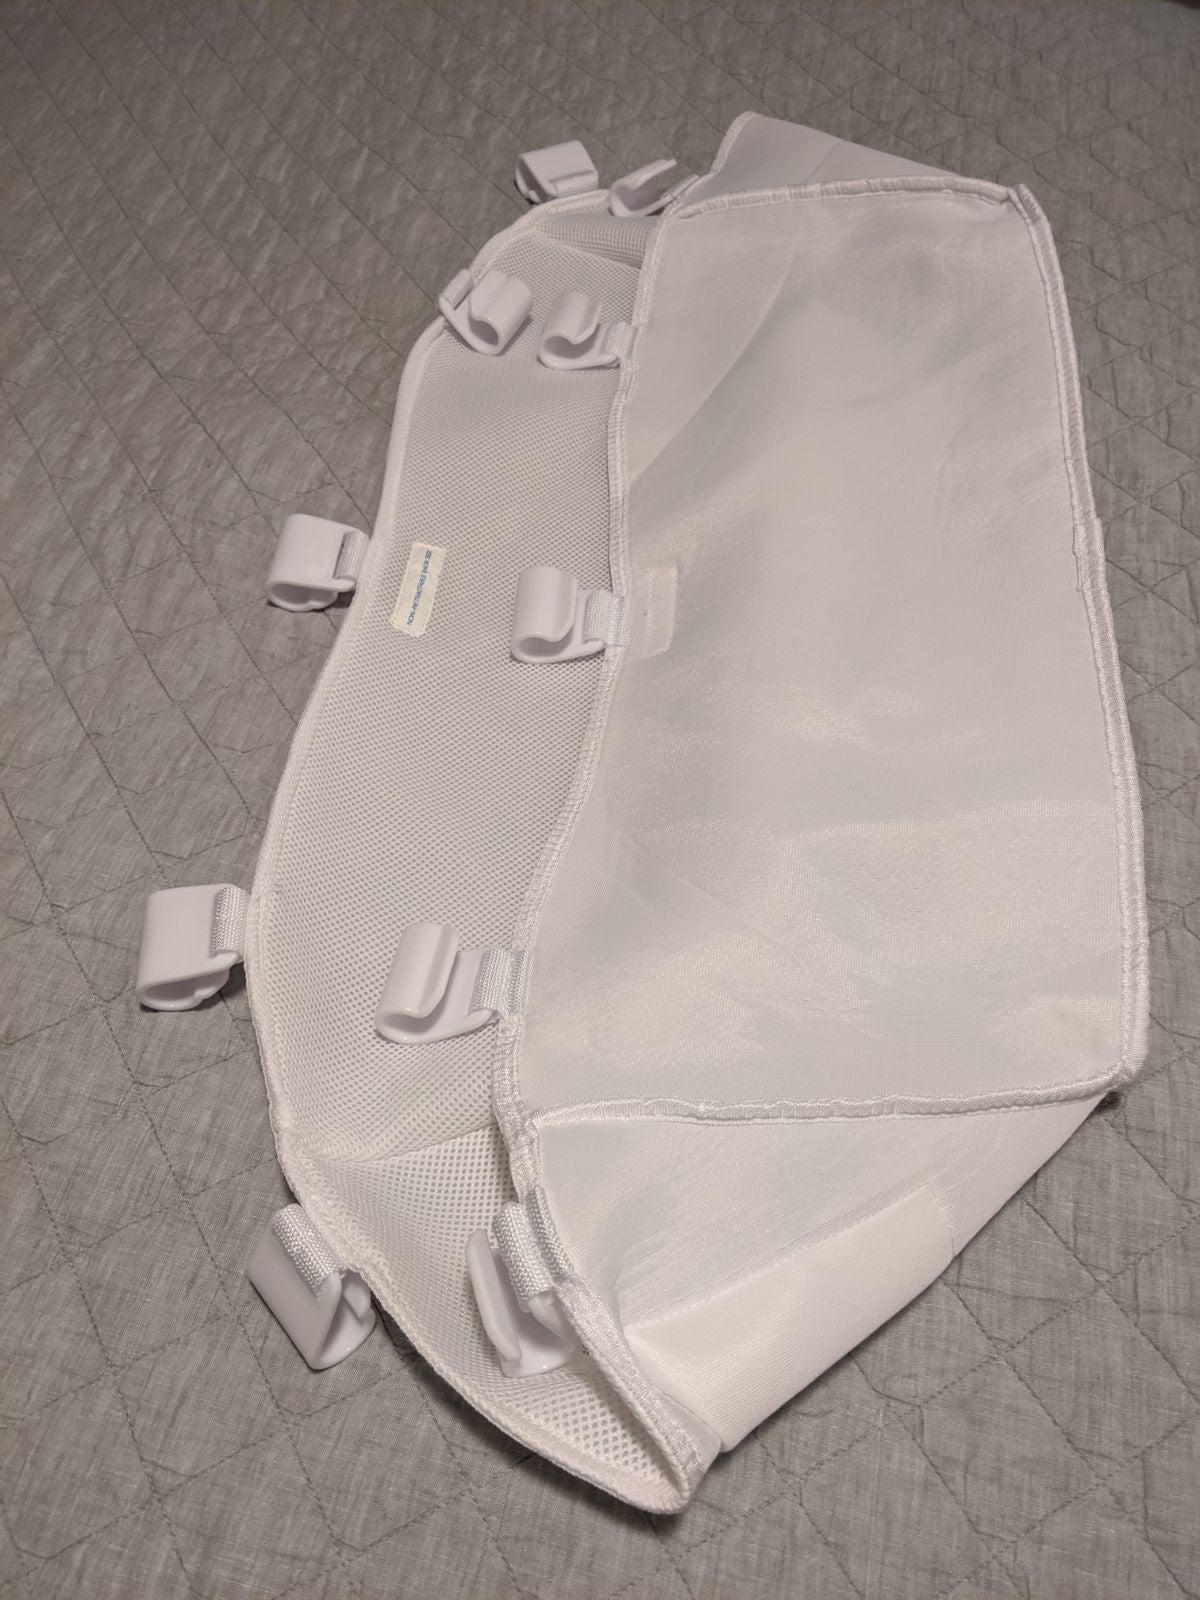 Halo bassinet infant insert